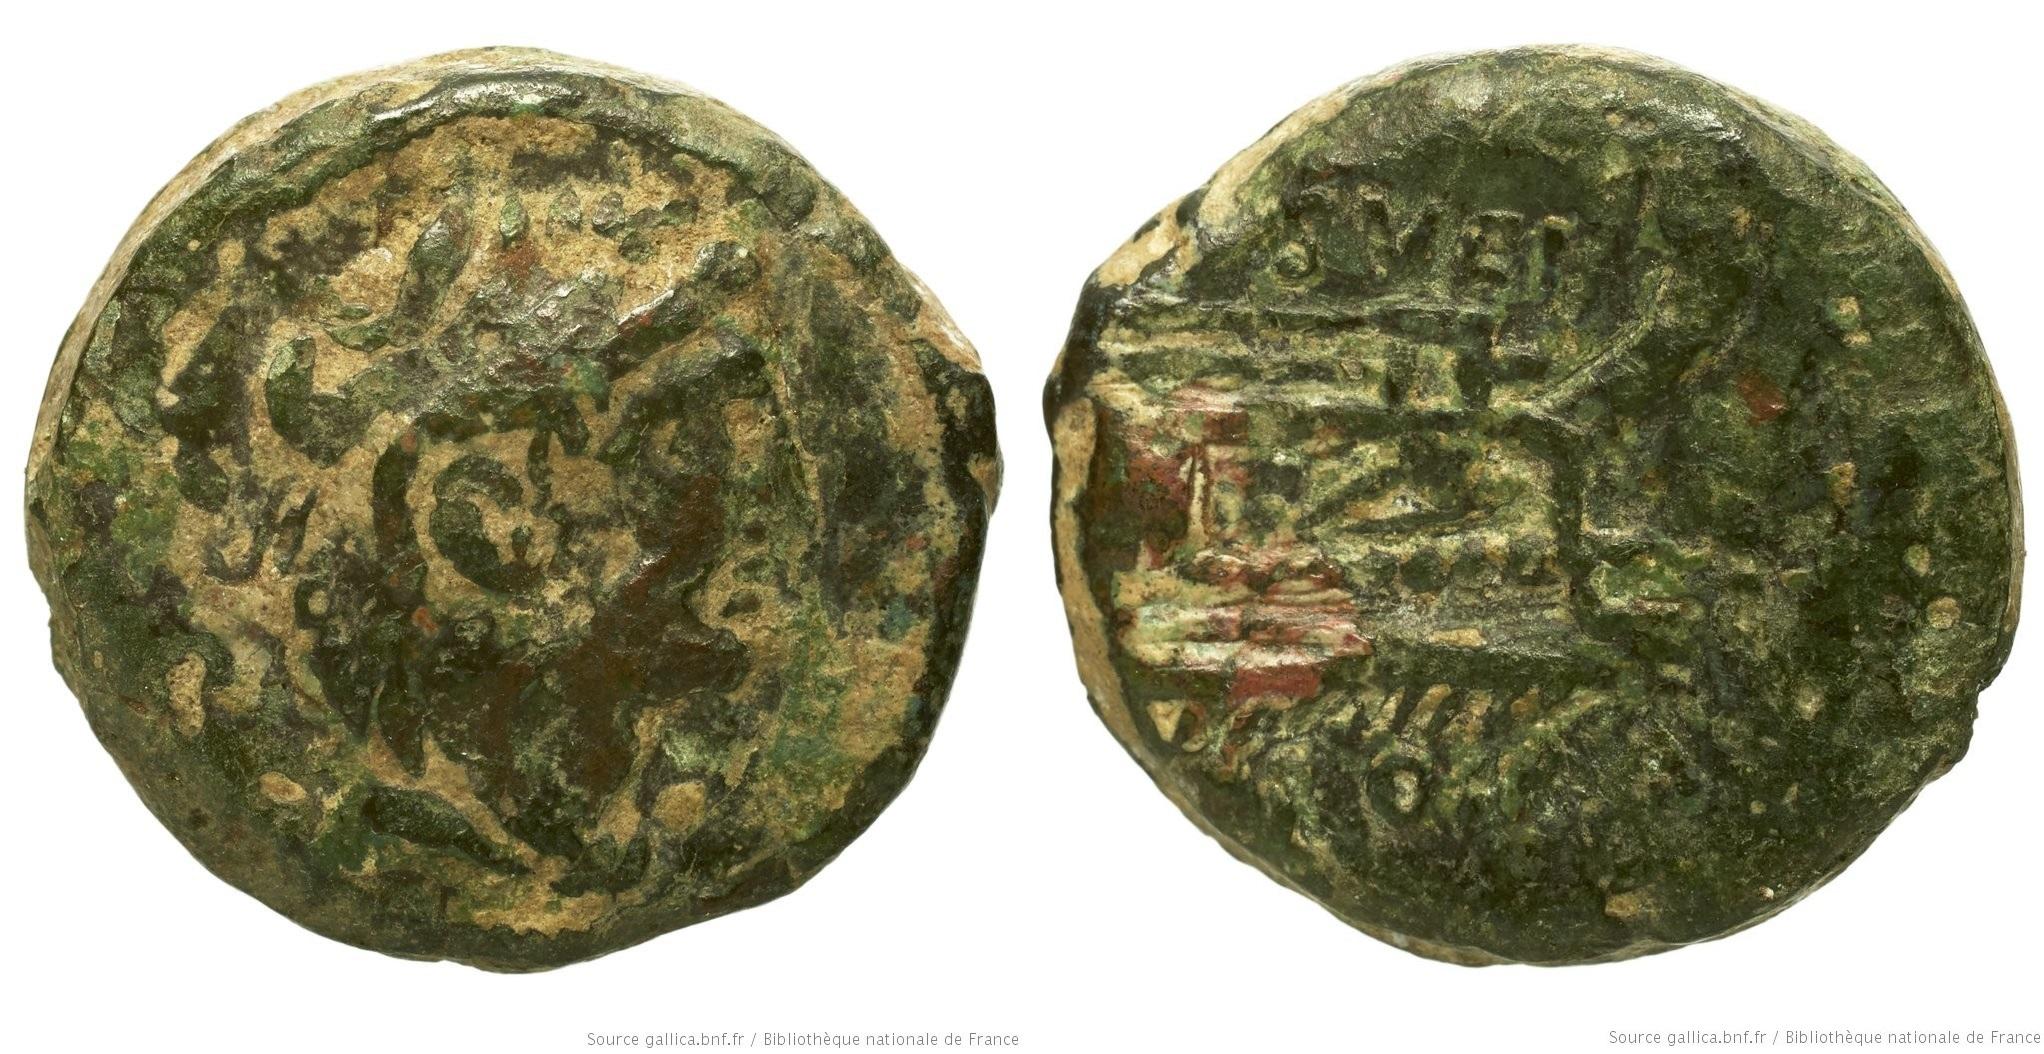 1136SU– Quadrans Sulpicia – Caius Sulpicius Galba